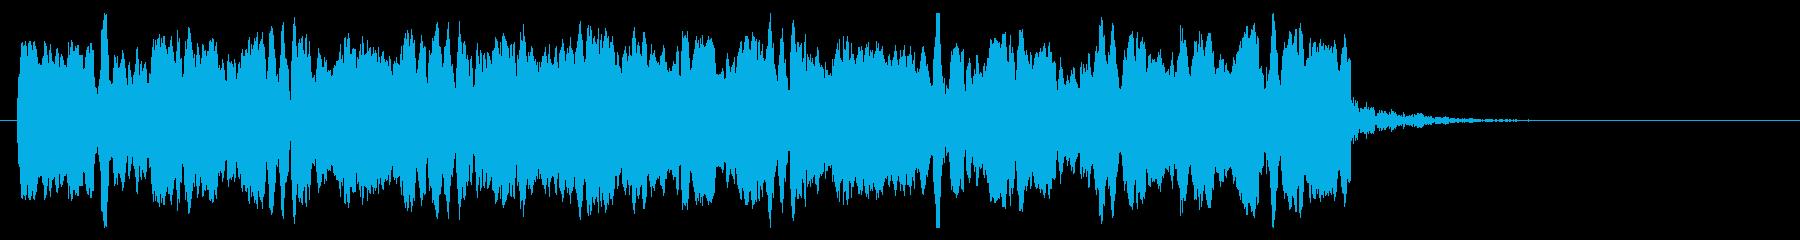 8bitパワーU-D-02-2_revの再生済みの波形